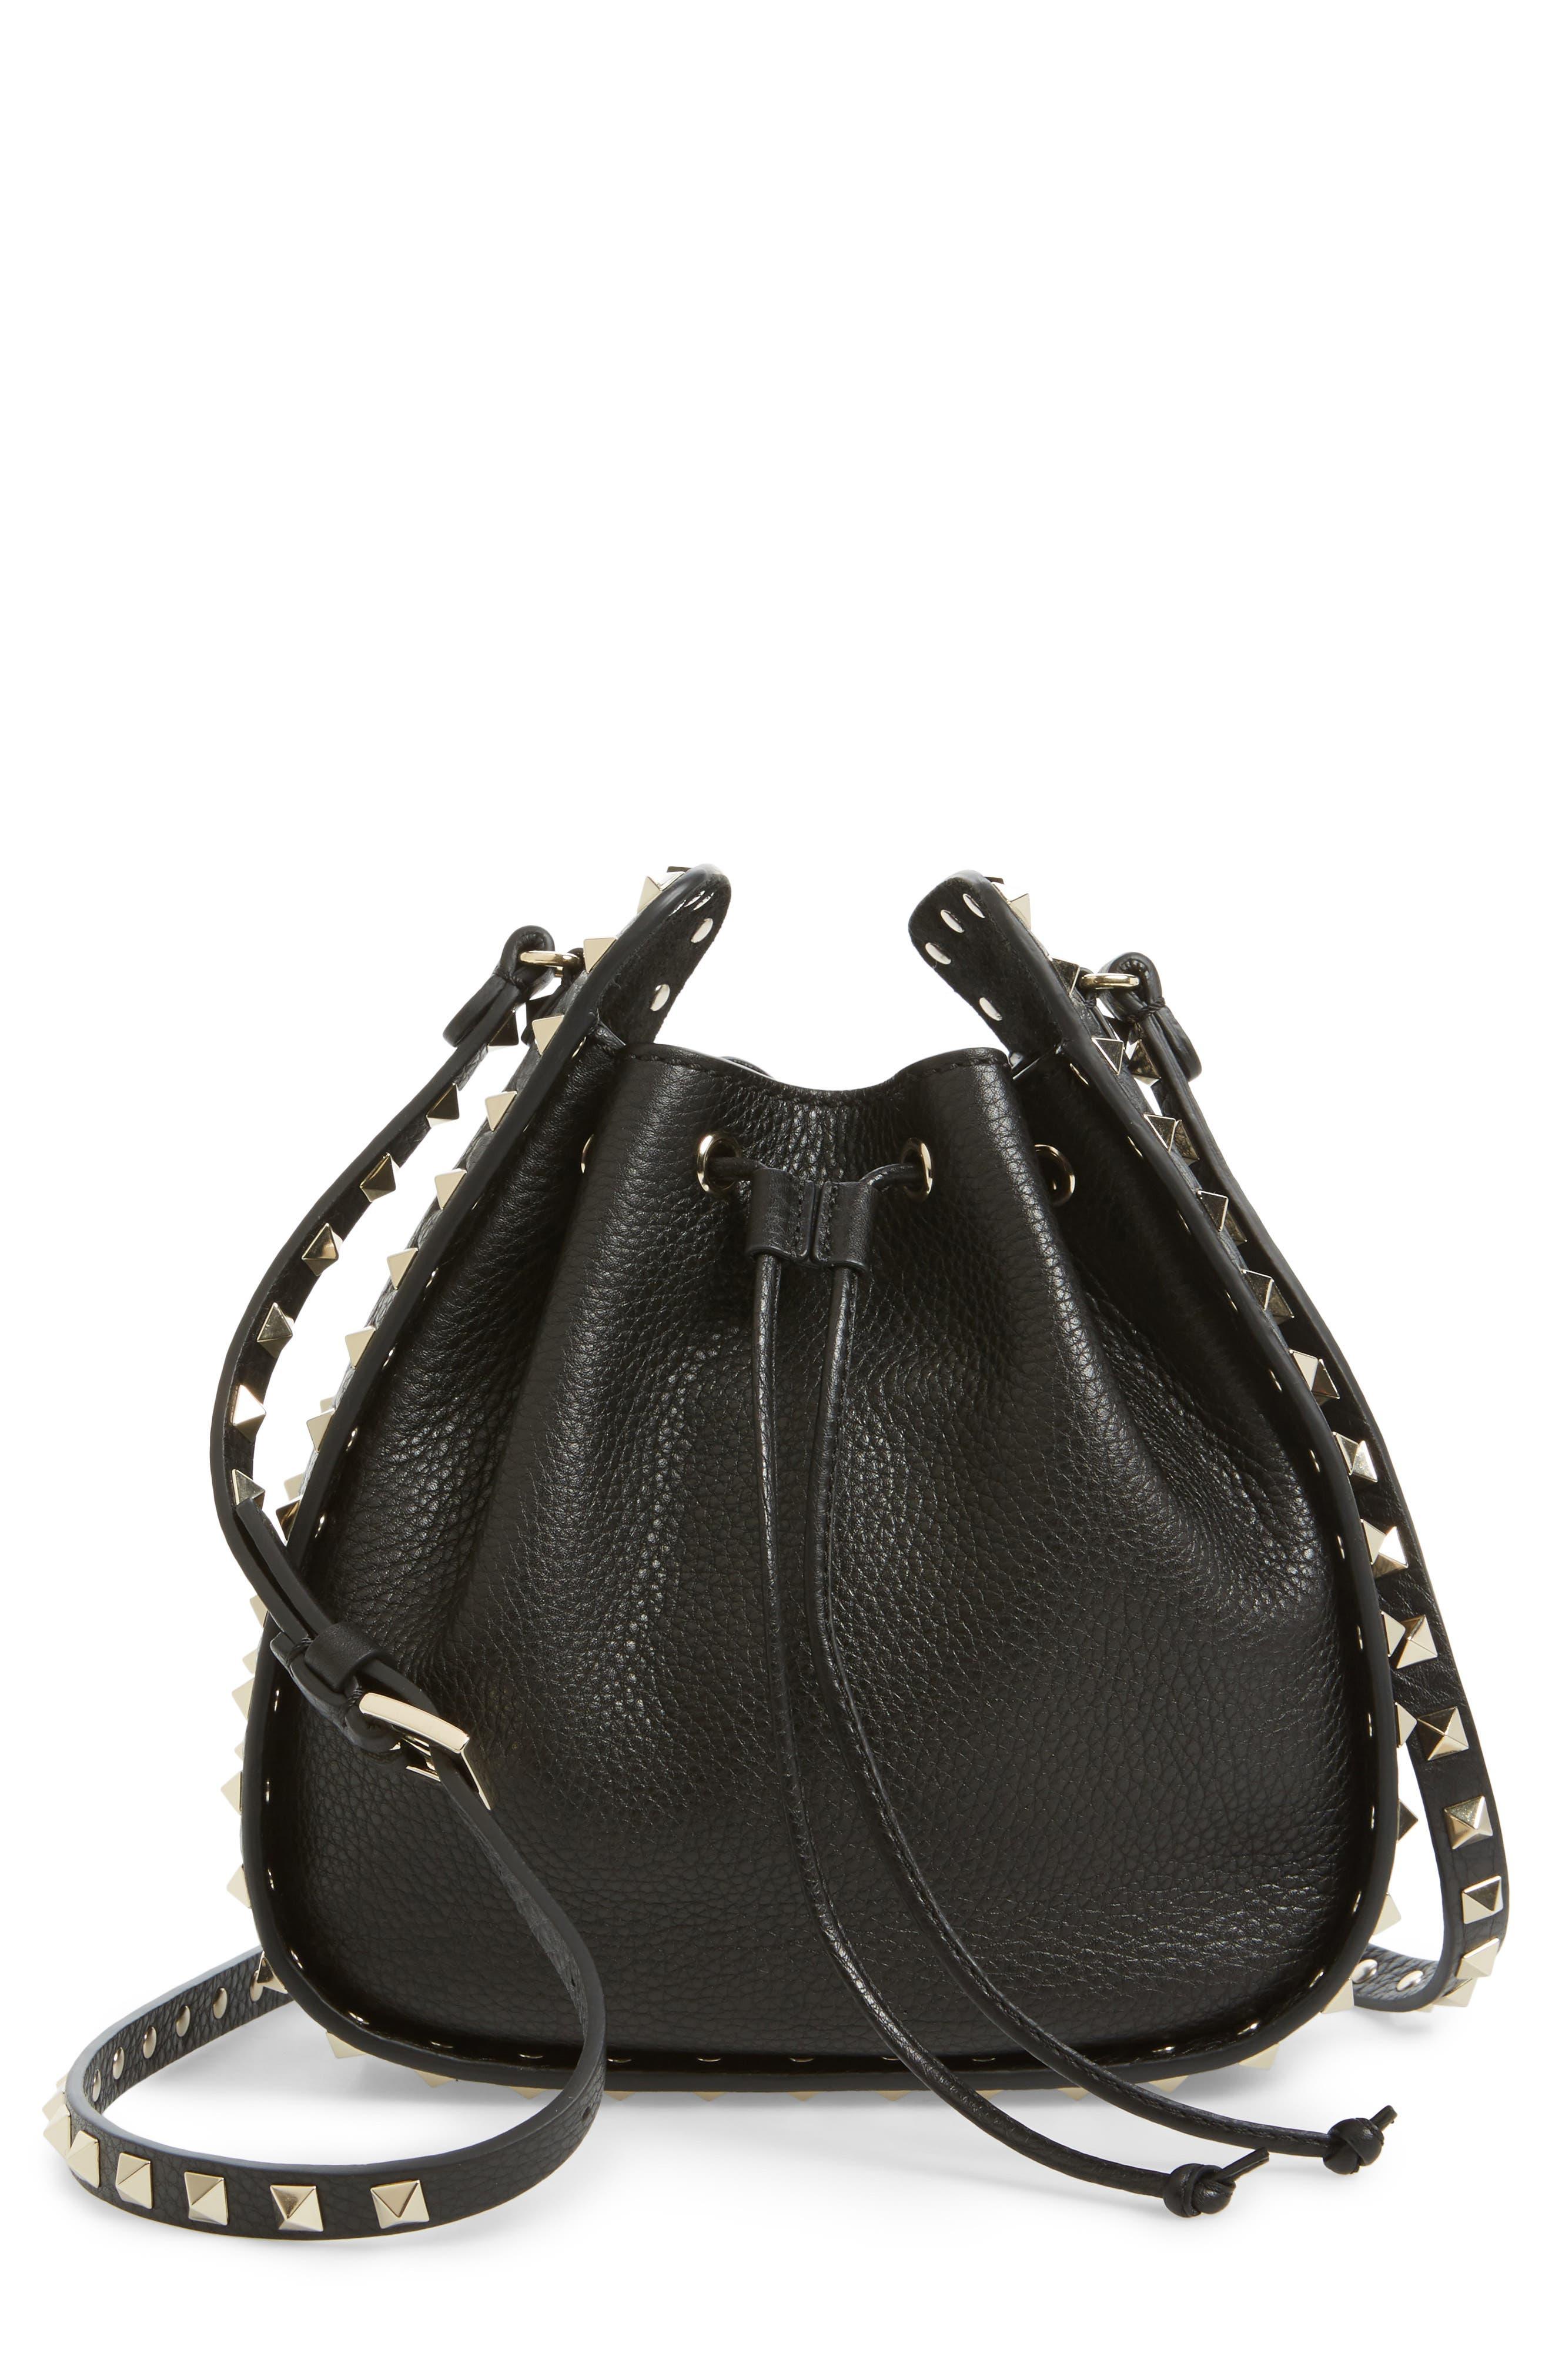 Alternate Image 1 Selected - VALENTINO GARAVANI Rockstud Leather Bucket Bag